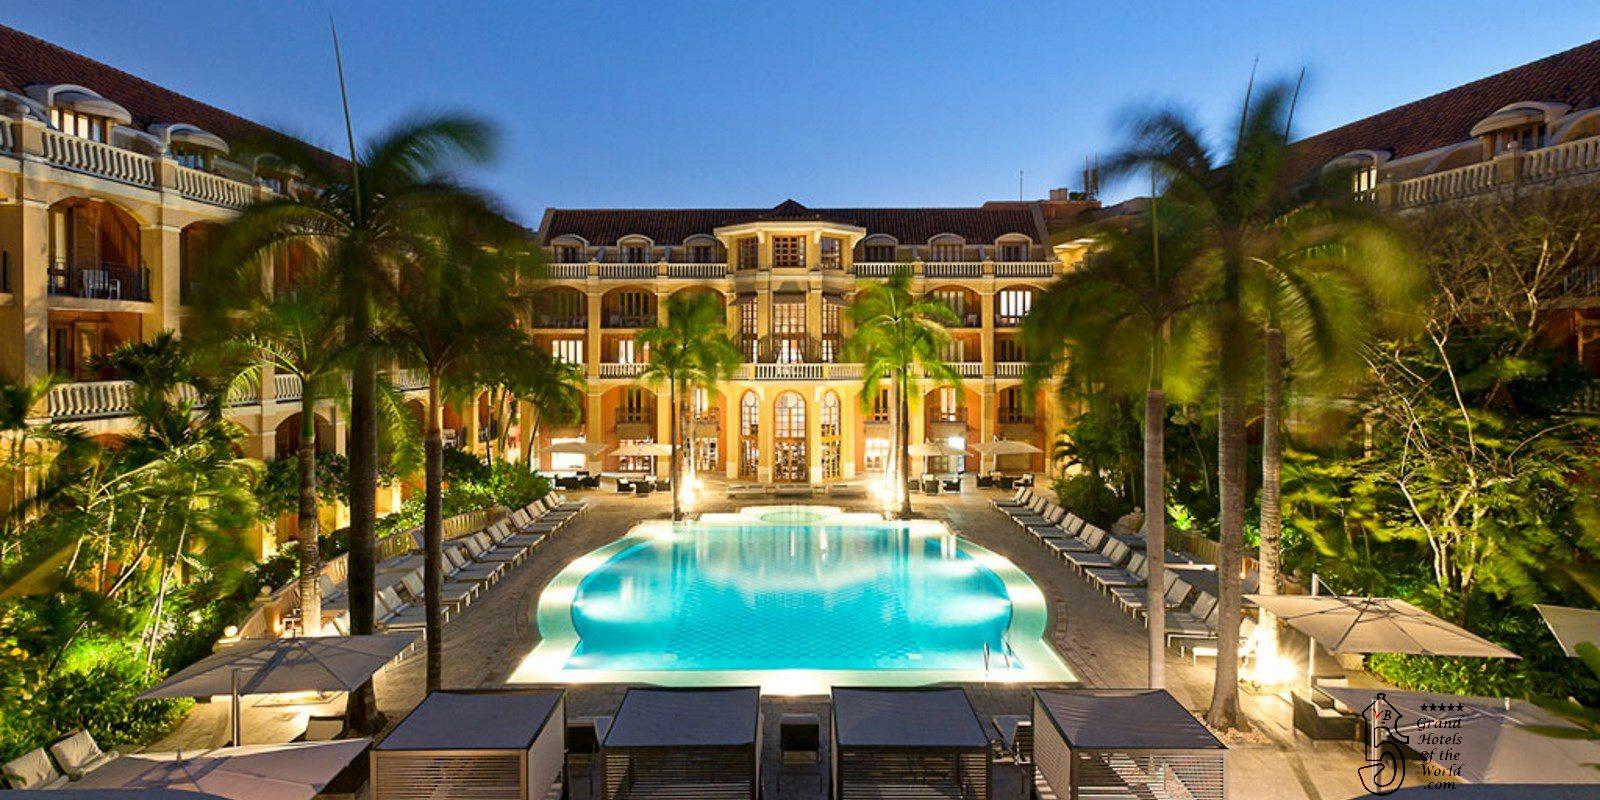 Hotel Santa Clara In Cartagena De Indias